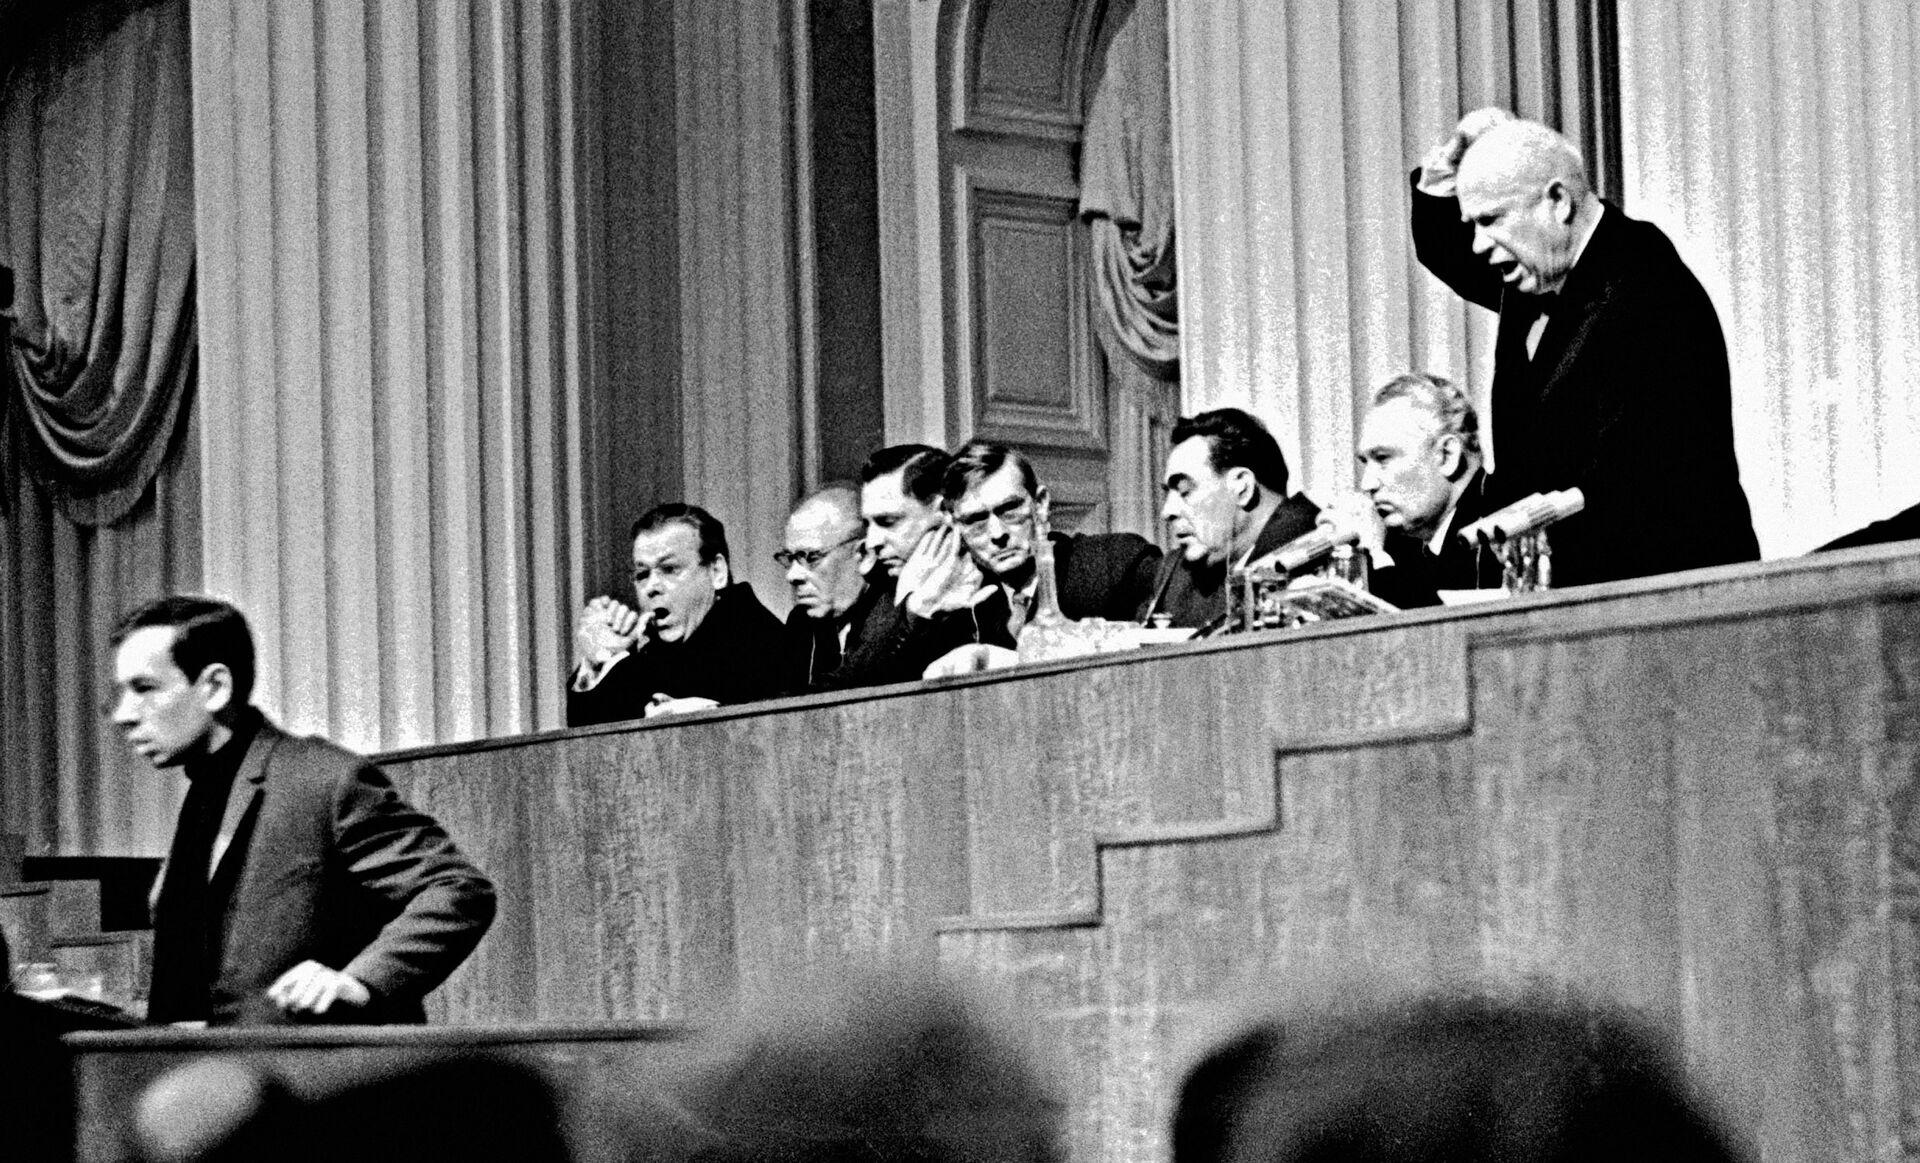 Доклад Хрущева, перевернувший СССР: интервью сына врага народа - РИА Новости, 1920, 25.02.2021